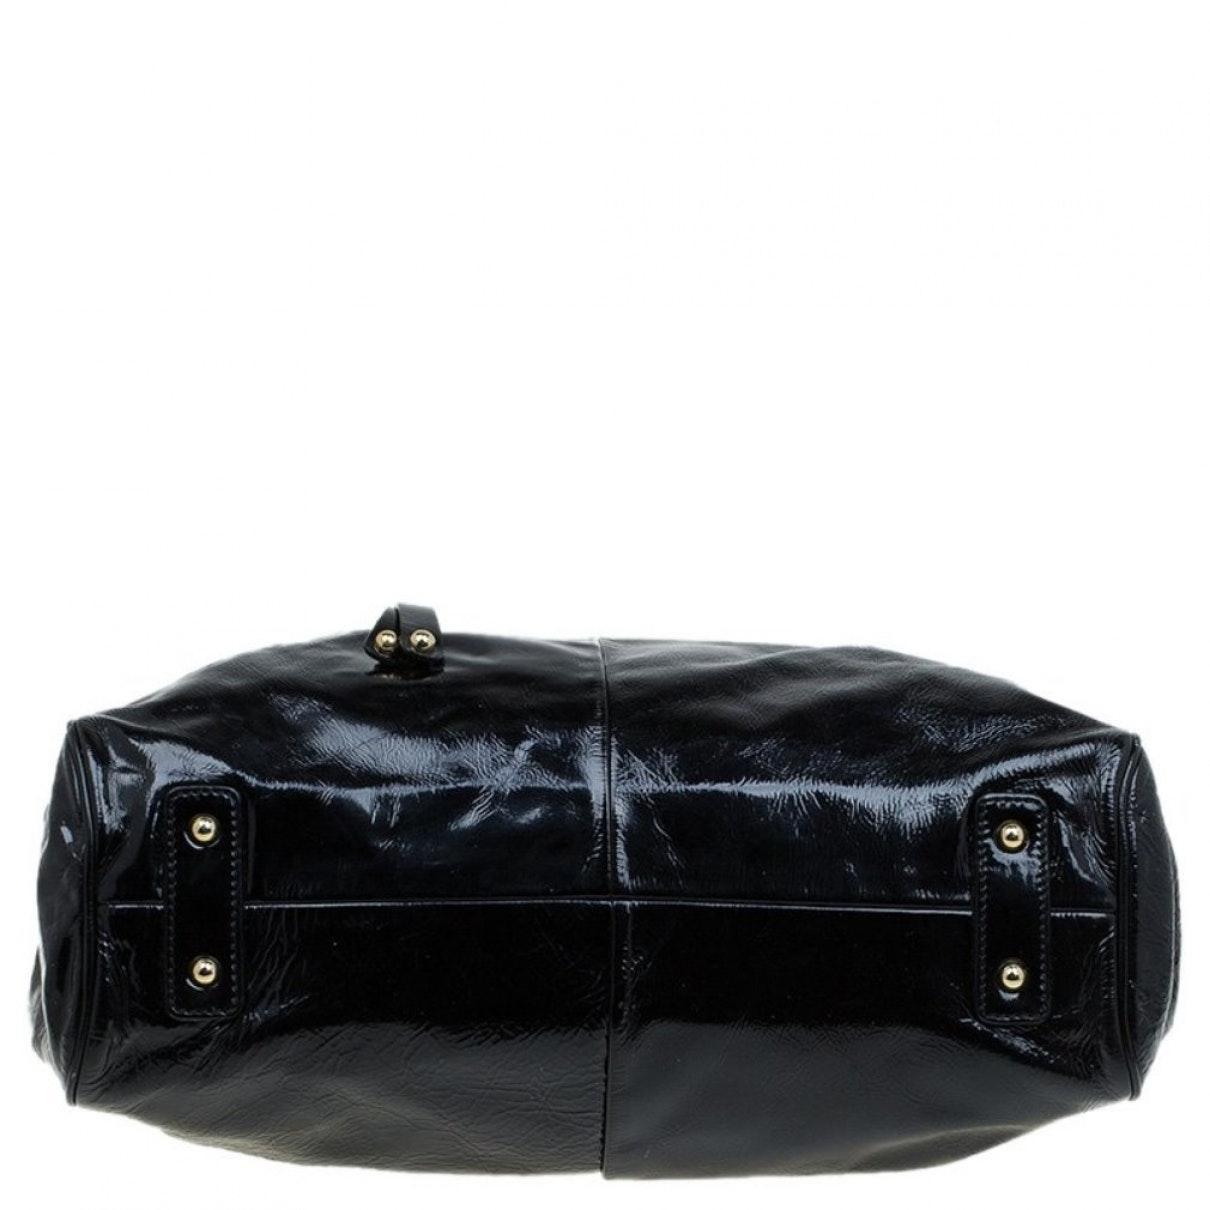 Sac à main Stam en Cuir verni Noir Cuir Marc Jacobs en coloris Noir xTO8